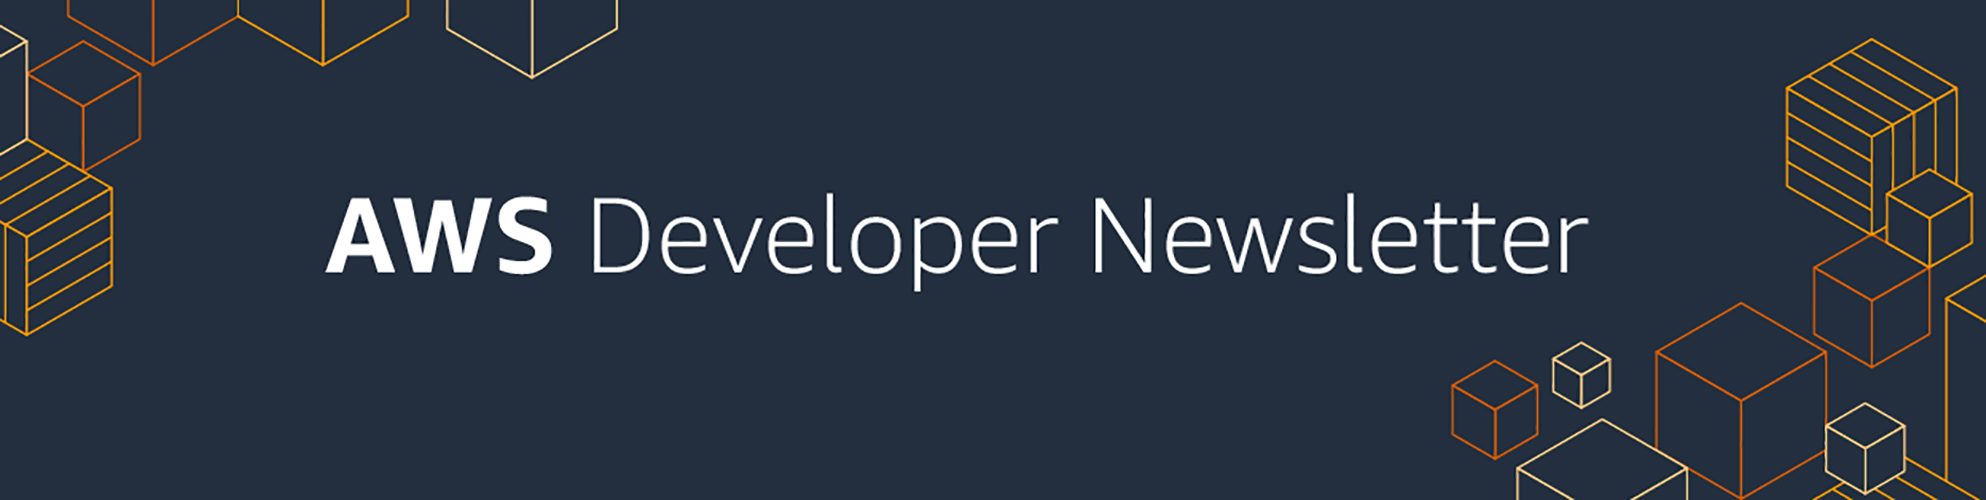 Developer-Center-Newsletter